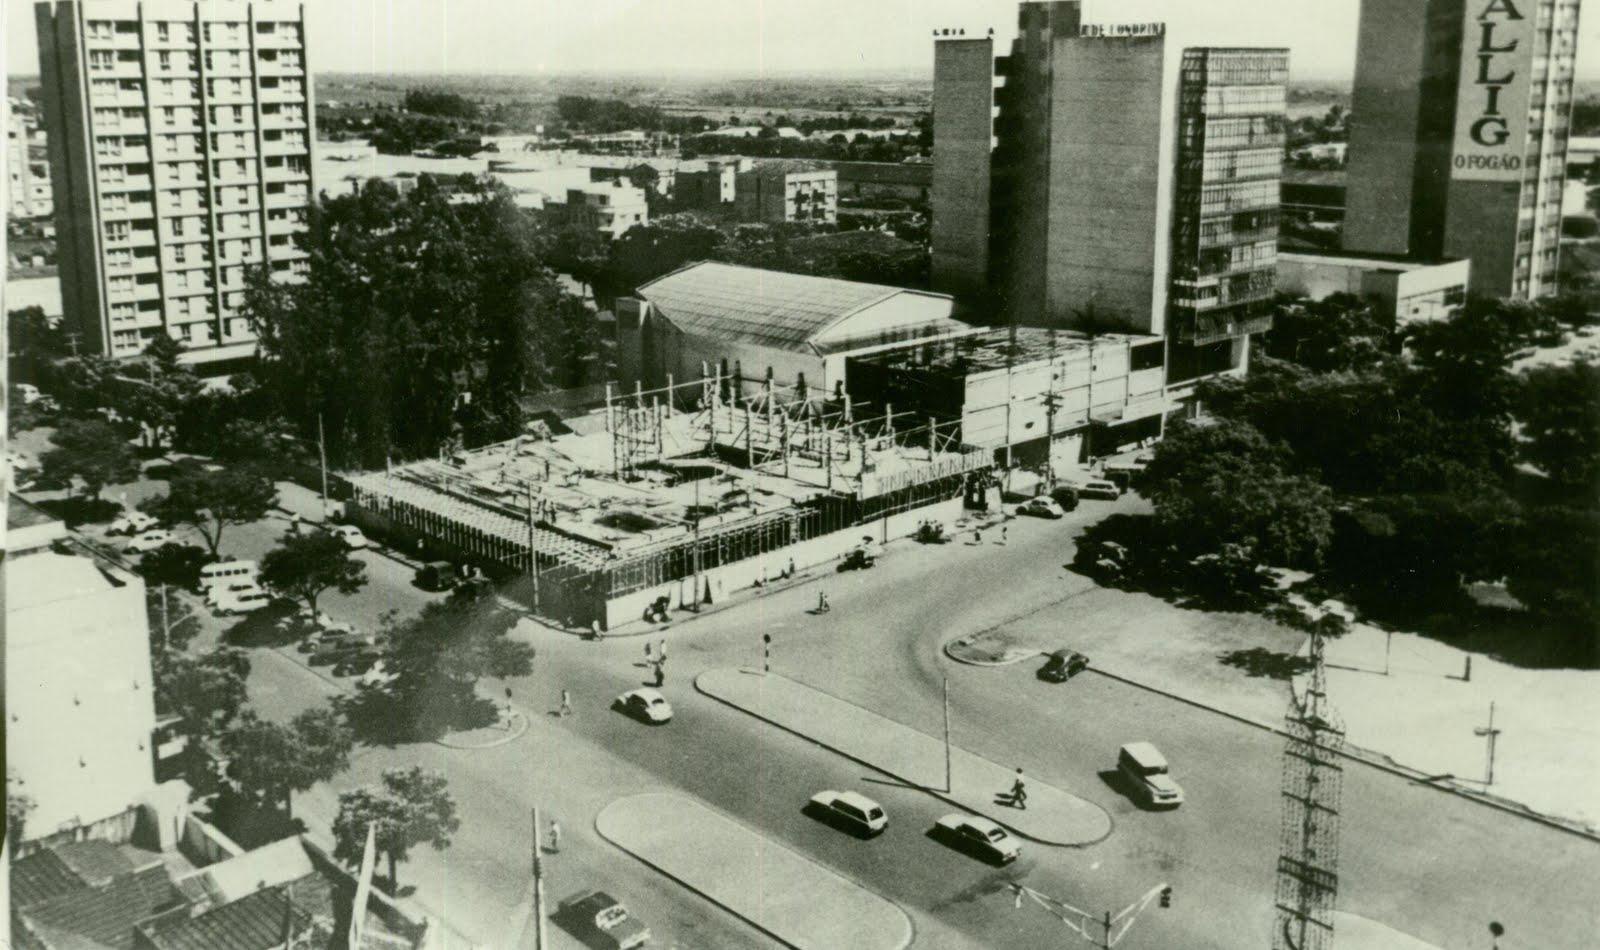 Centro Comercial - Início da década de 1970